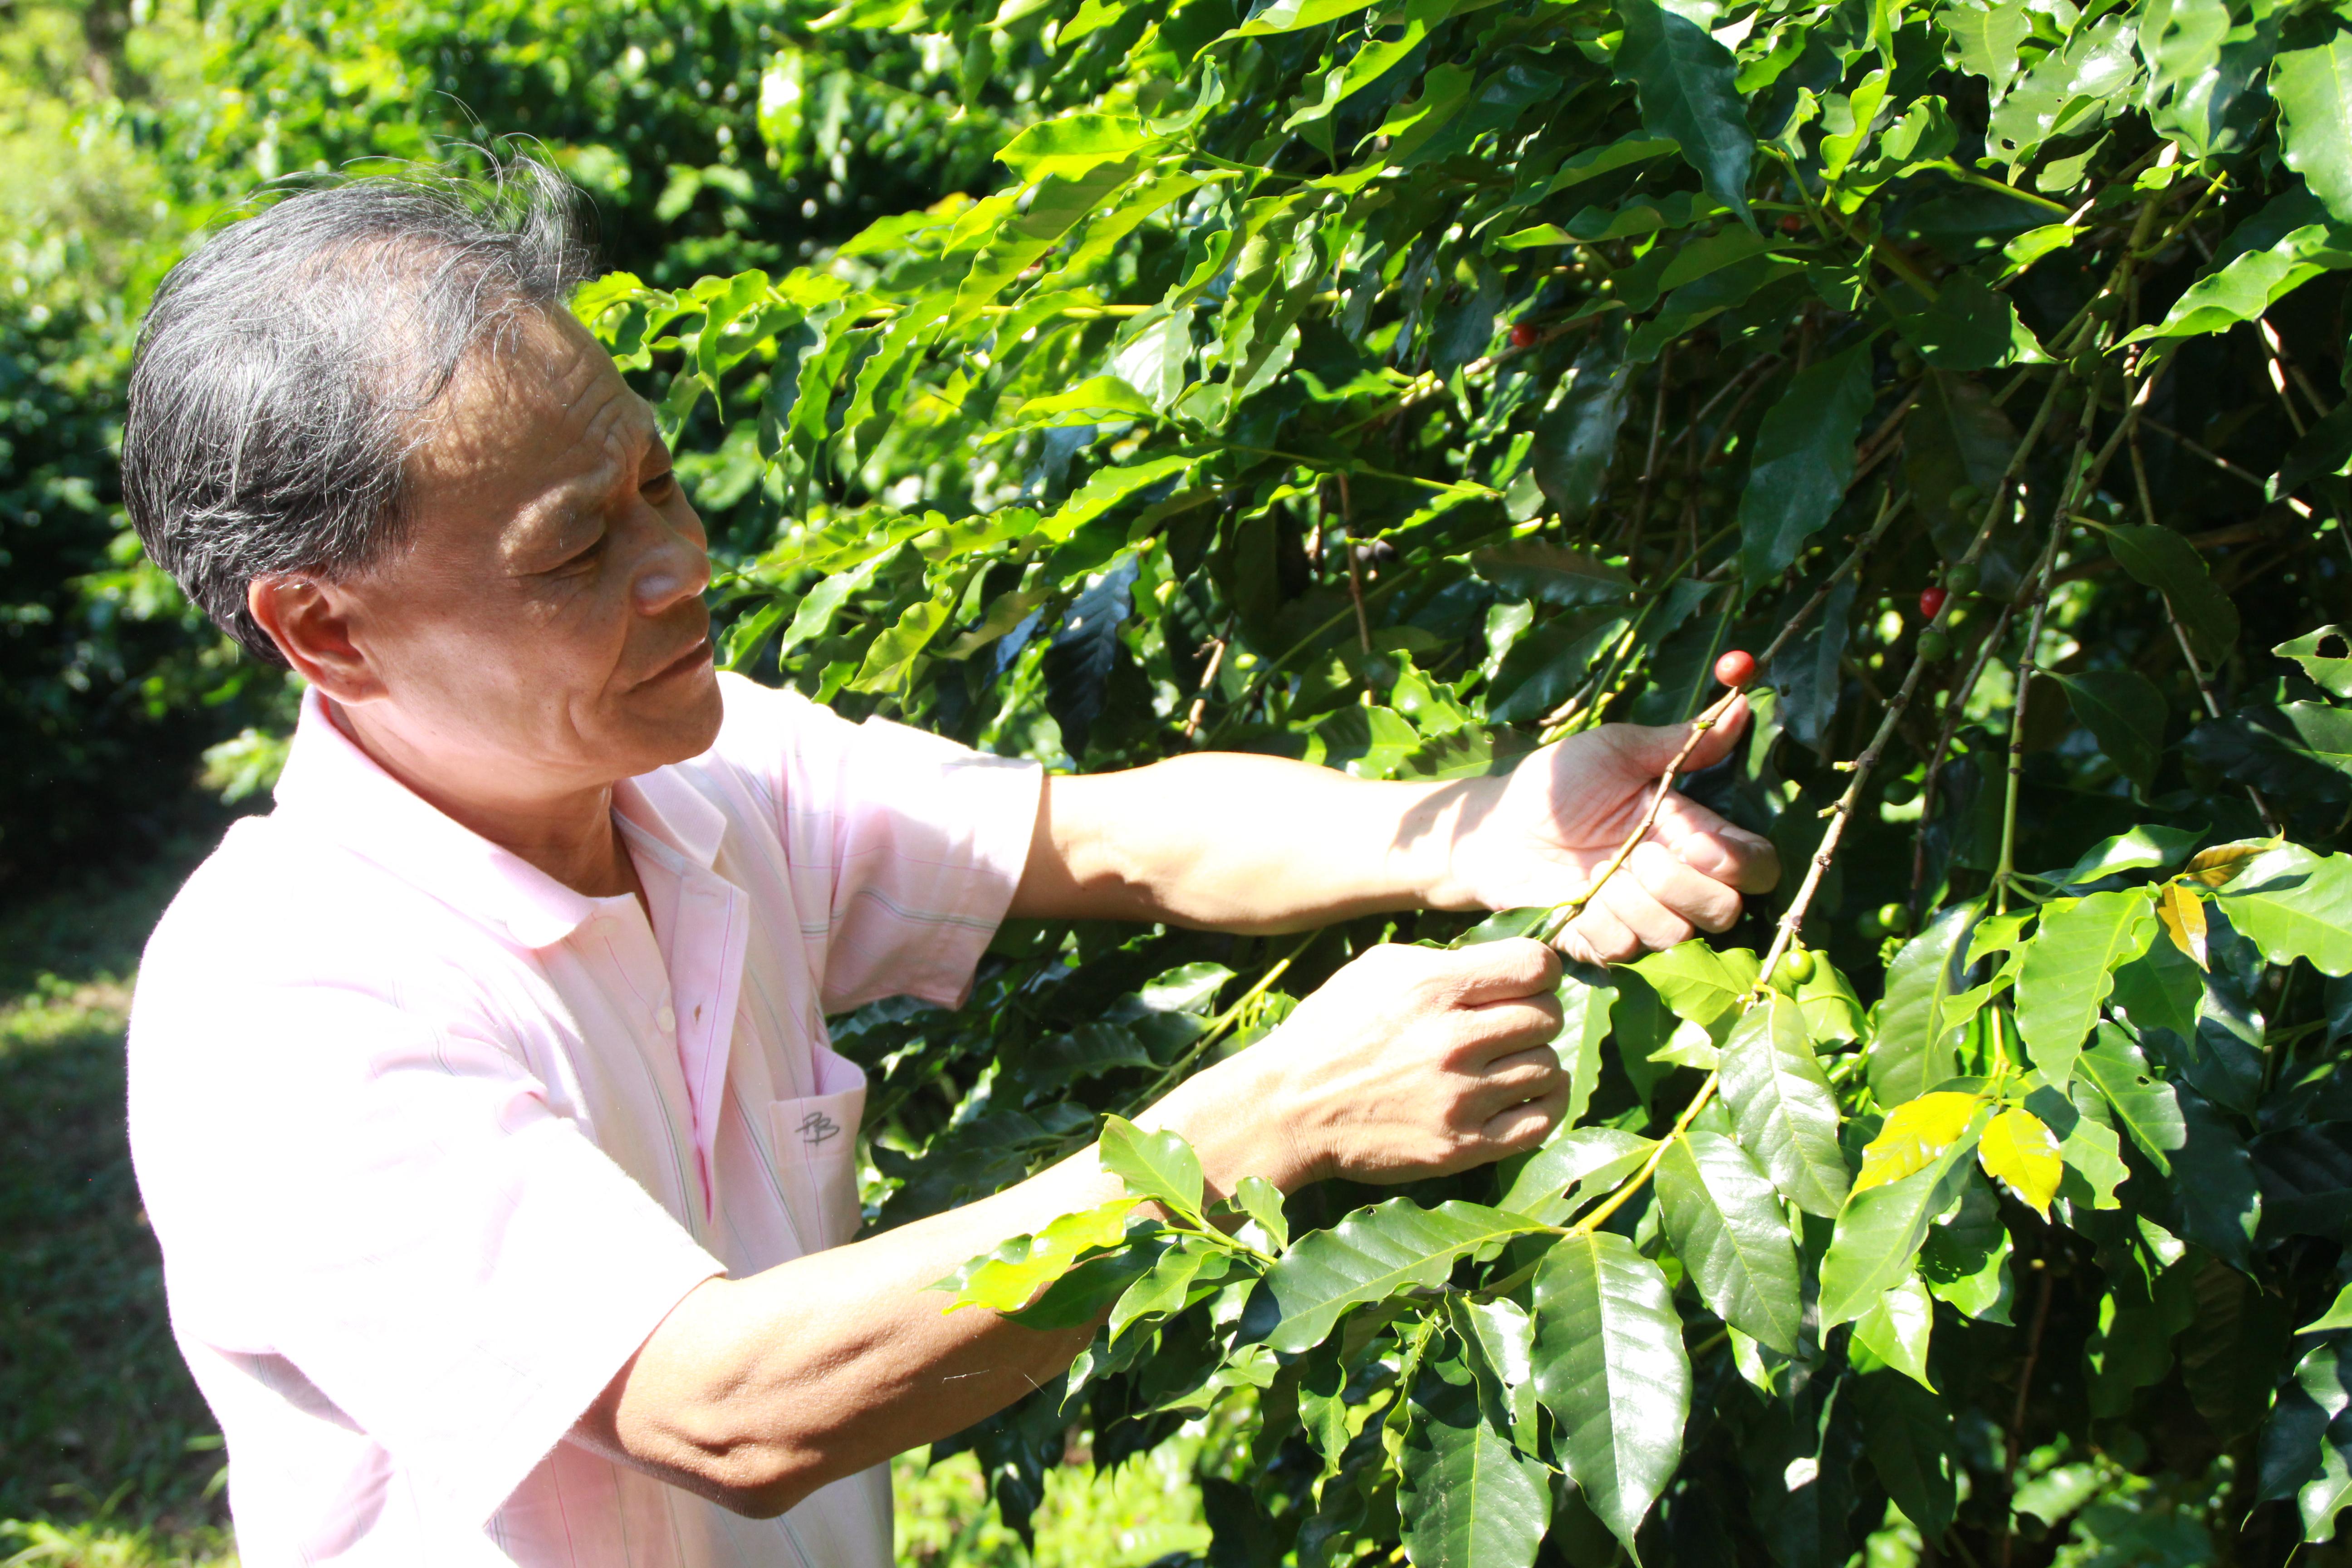 創辦人高勝福,用心栽種咖啡樹,並打造有機環境。攝影/邵永輝